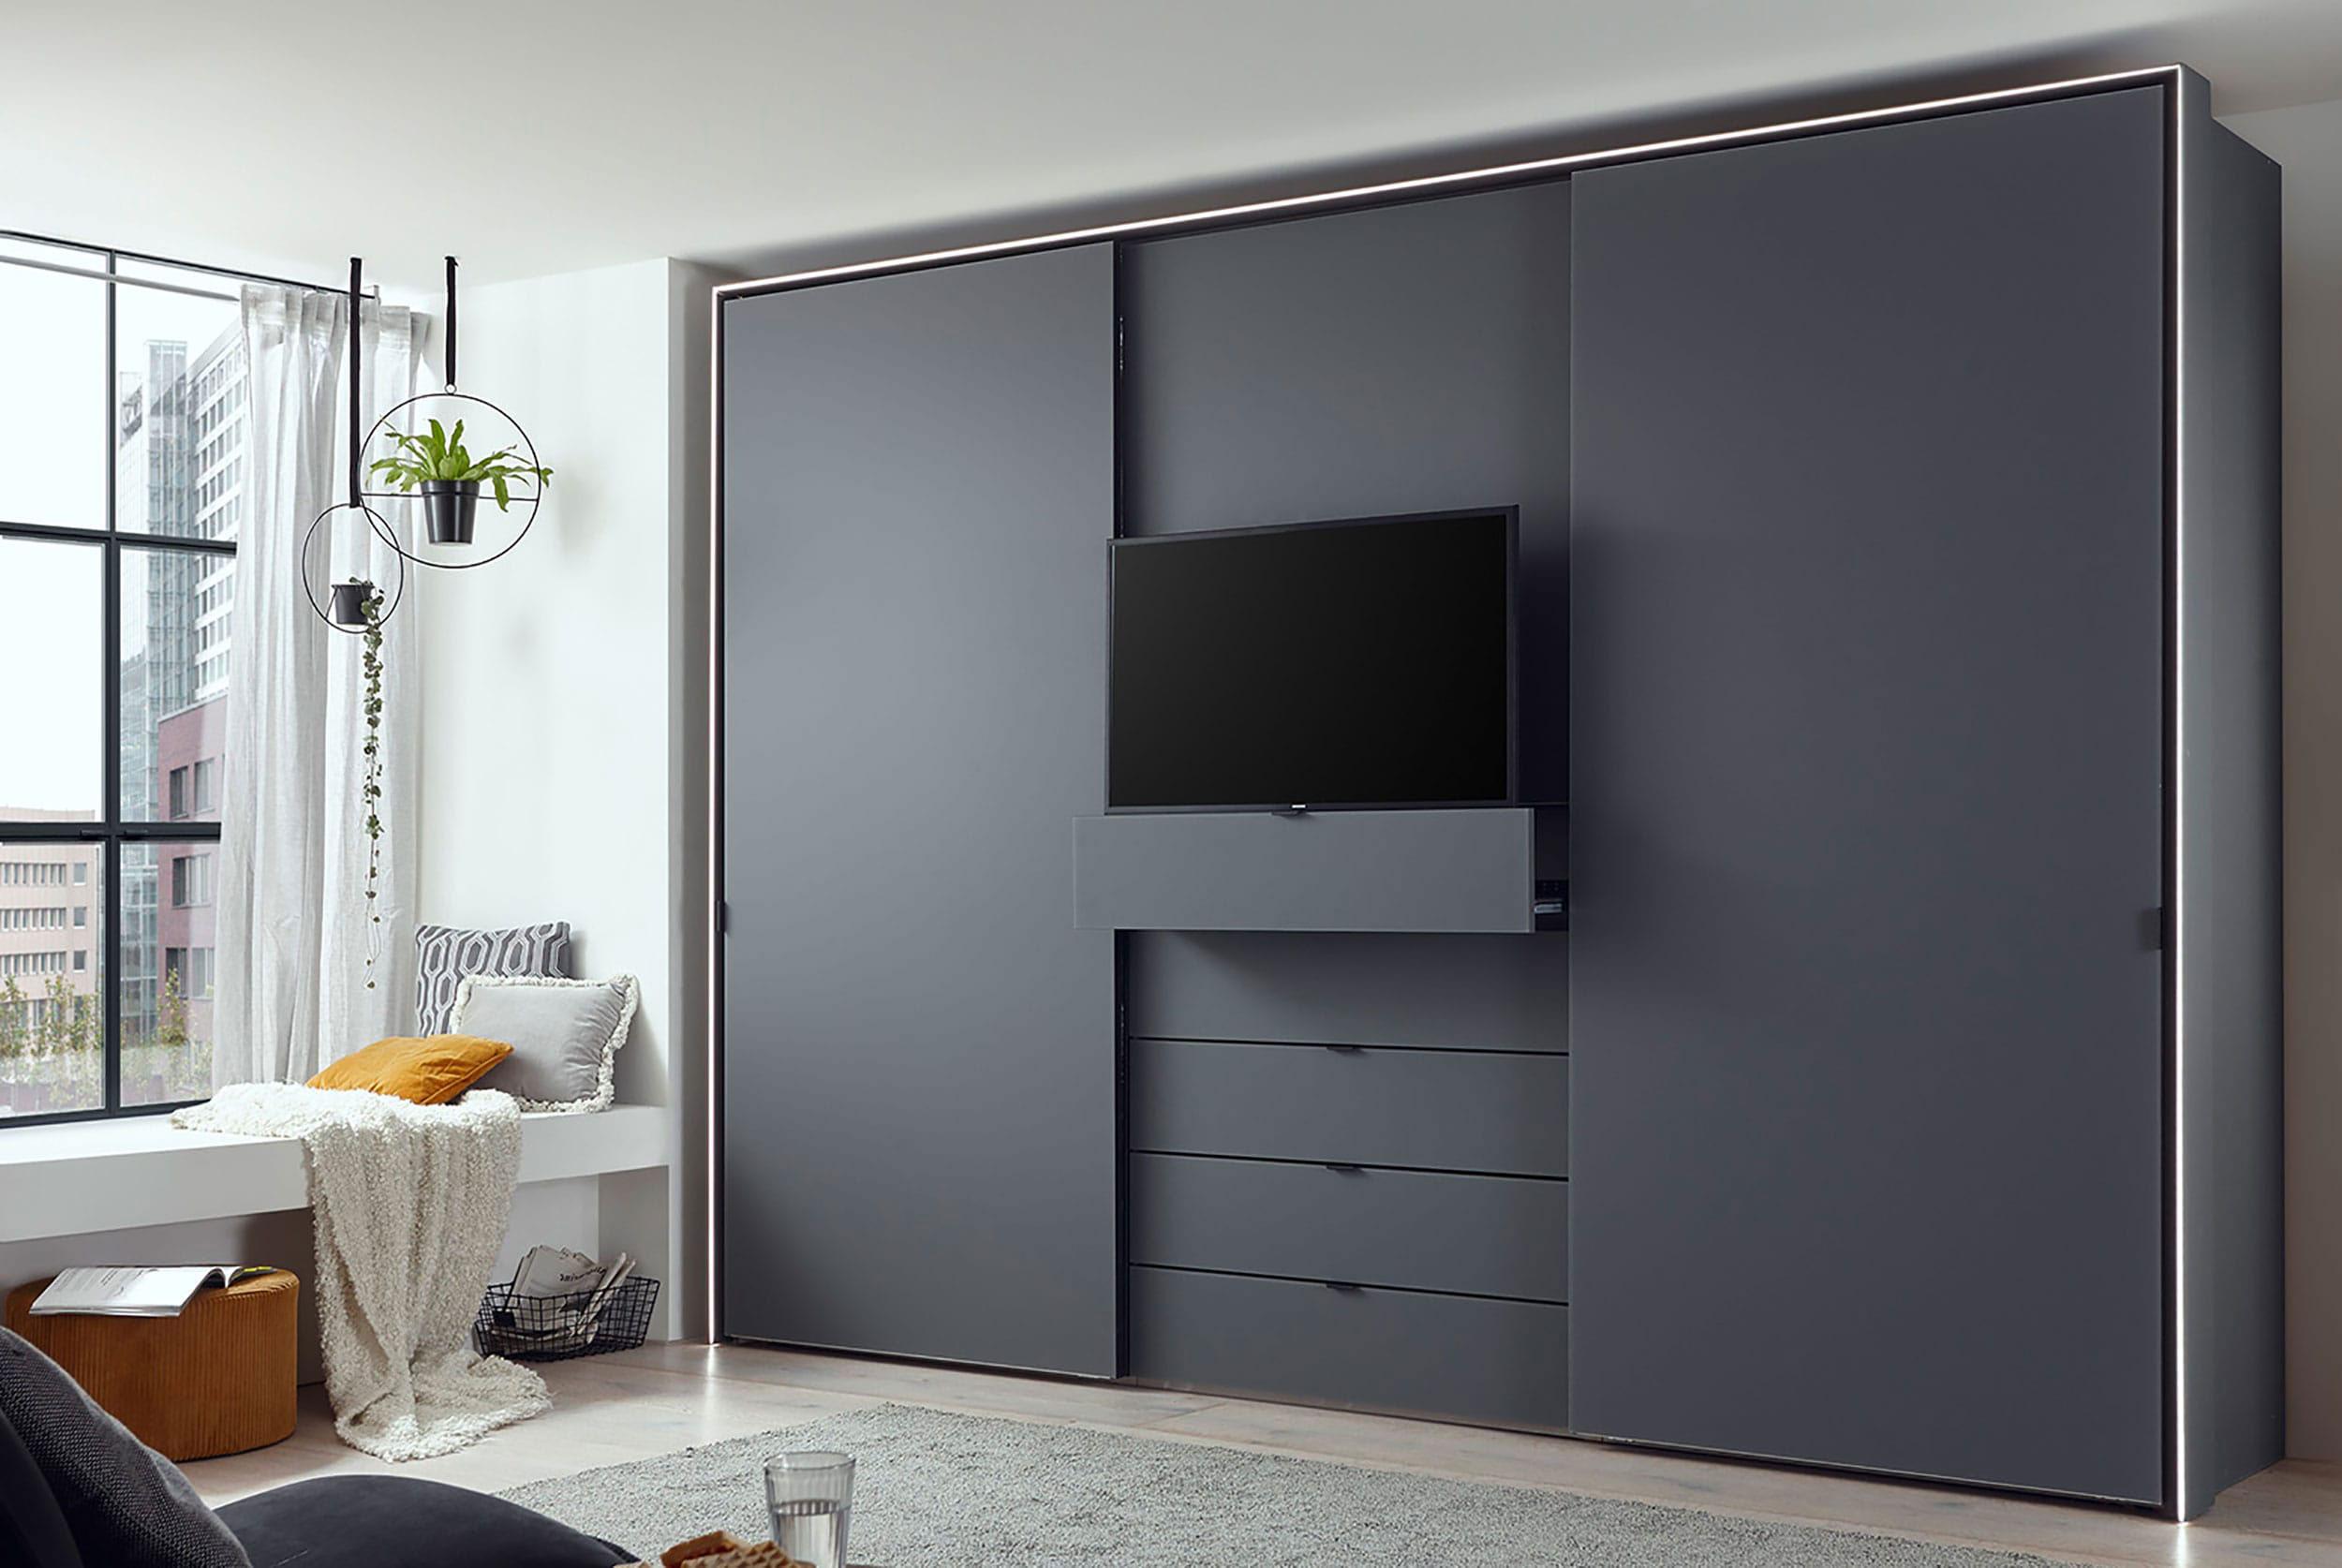 Staud Media Multi Kleiderschrank Mit Tv Fach Mattglas Hohe 222 Cm